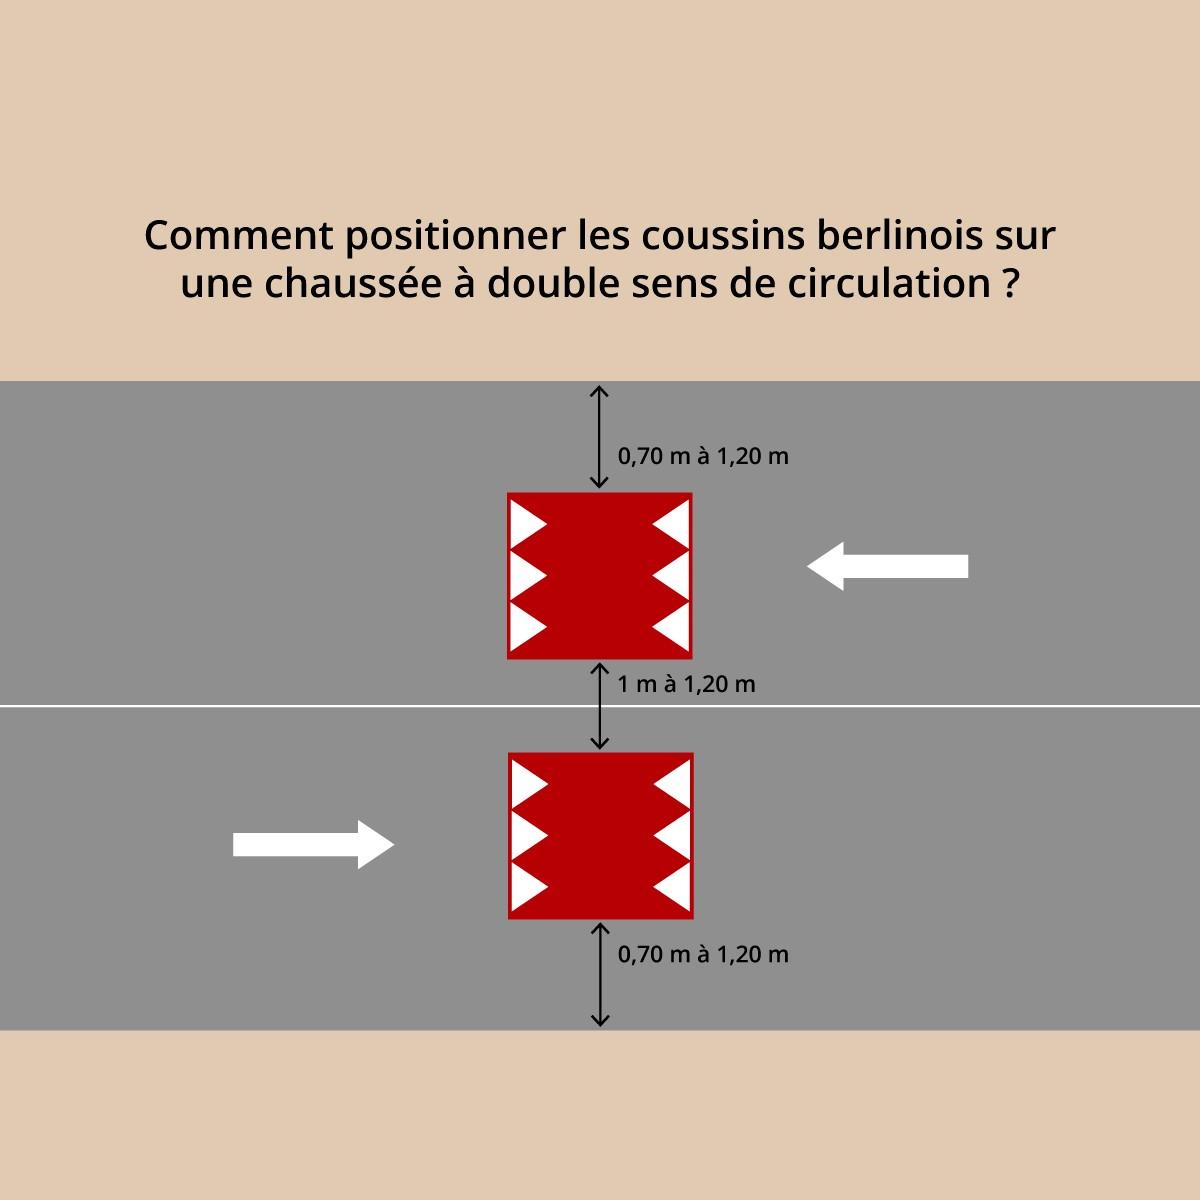 Positionner un coussin berlinois sur une chaussée à double sens